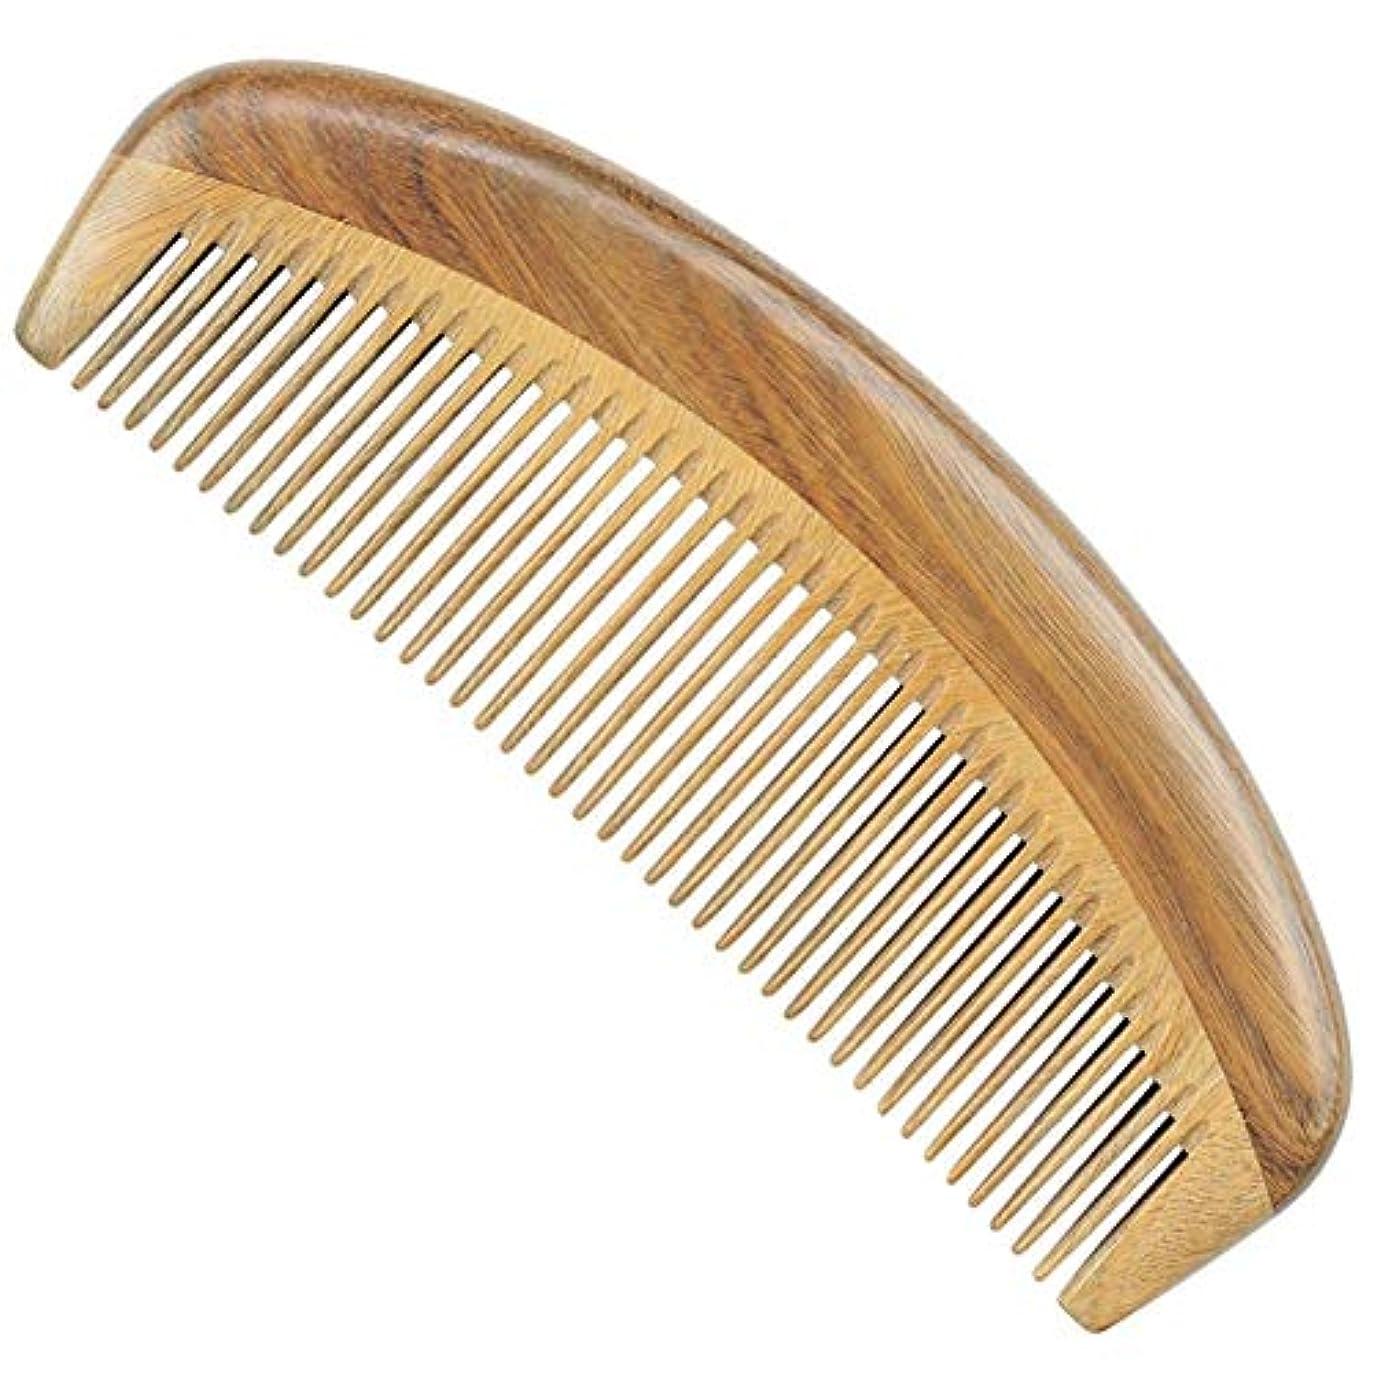 消費者コンデンサー姿を消すGuomao 白檀、木の櫛の半月の緑白檀の櫛Stalklessの長い歯の木の櫛 (Size : 15*5.3 cm)